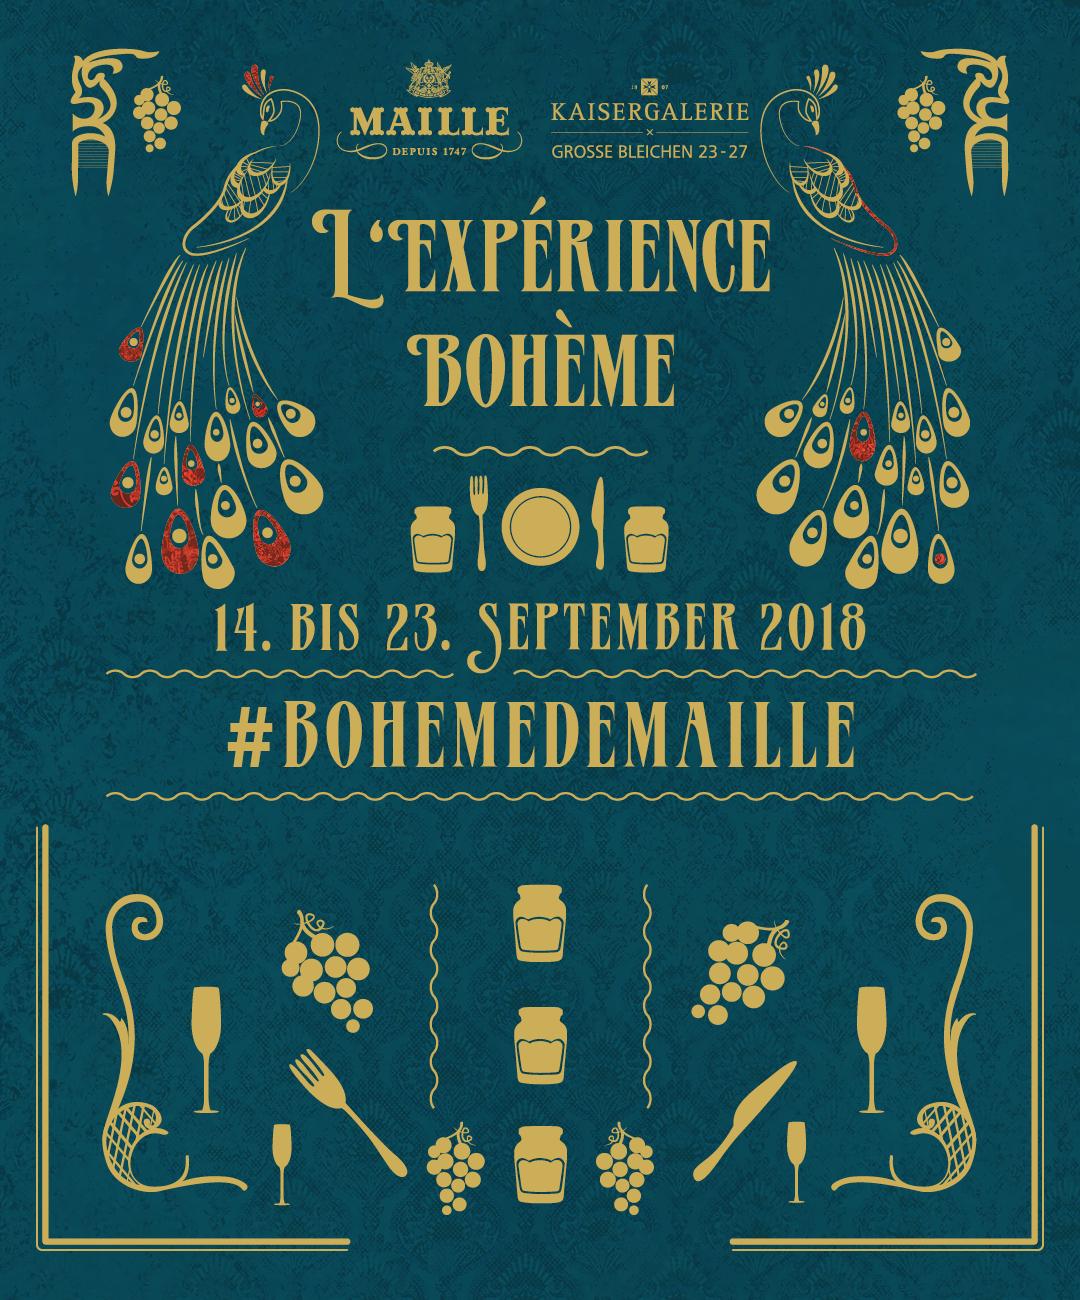 Bei l'expérience bohème gehts zusammen mit Maille auf eine kulinarische Reise!